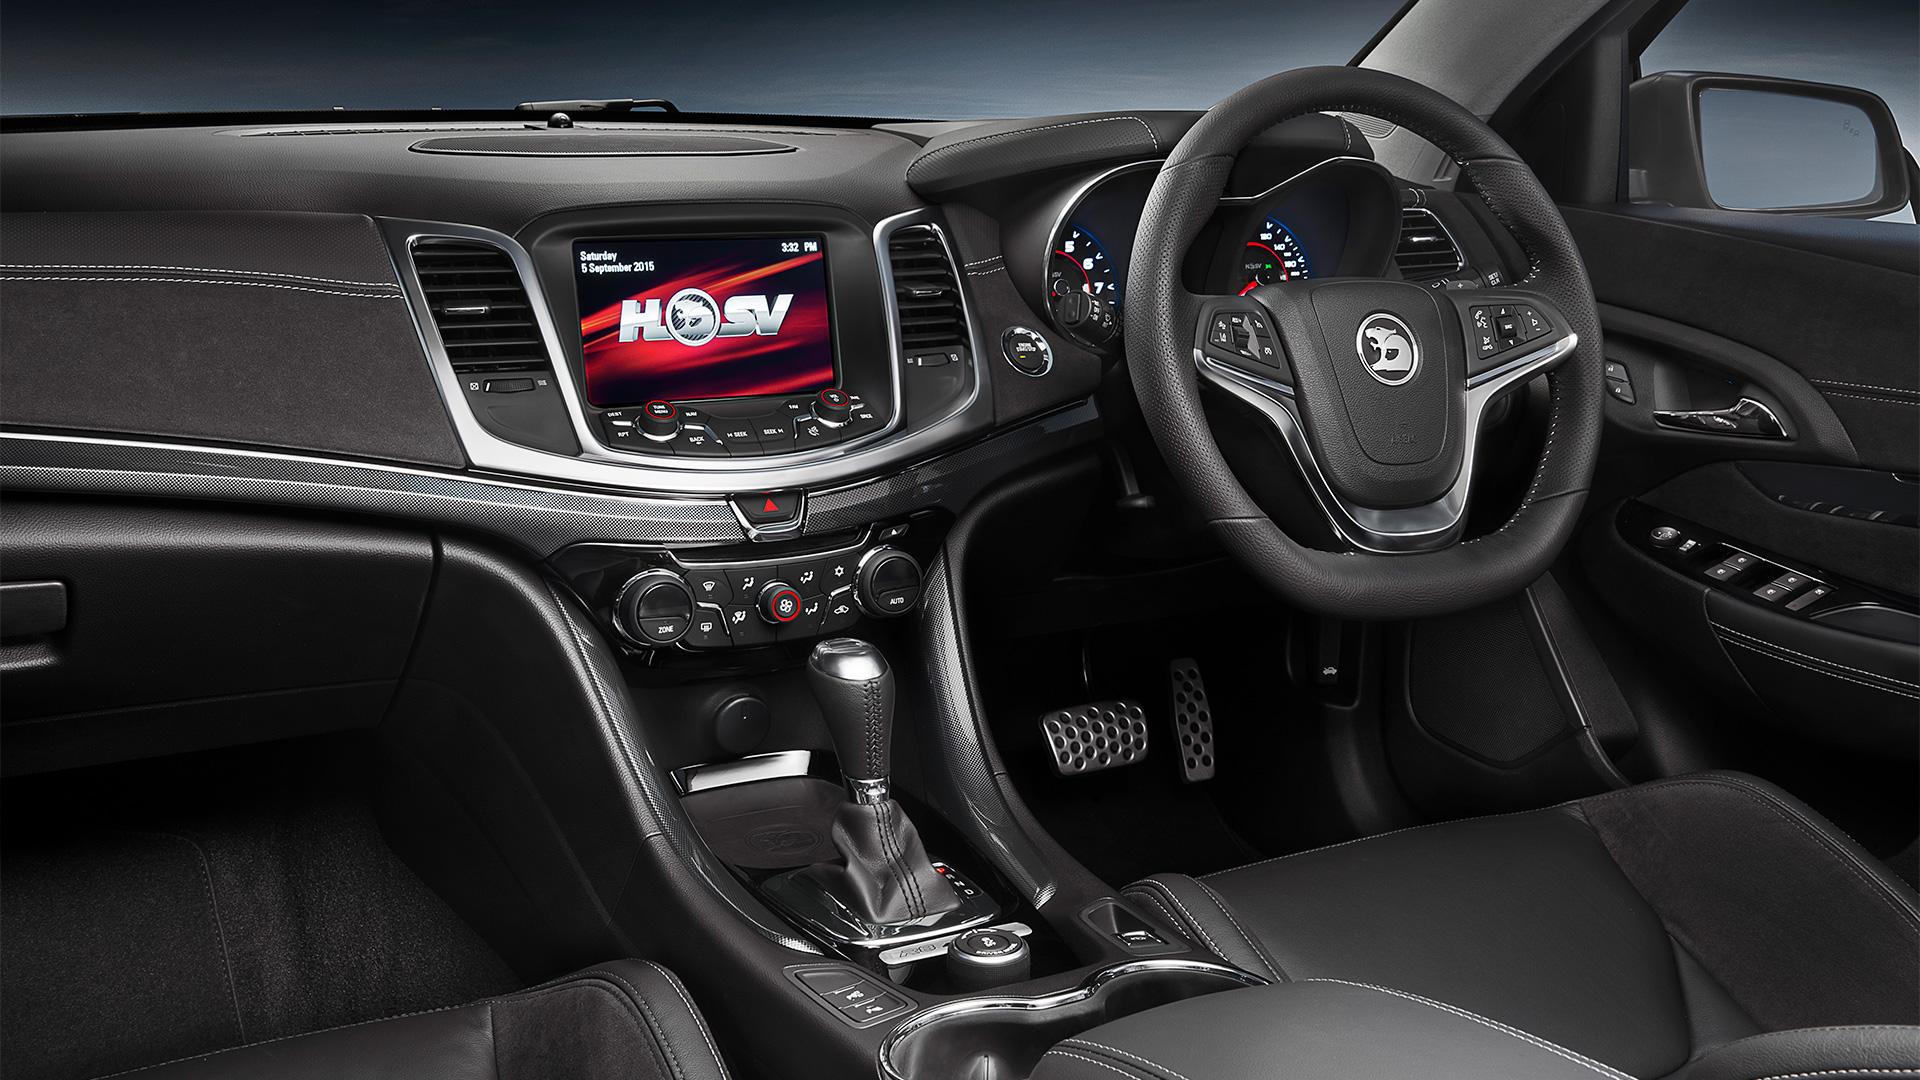 HSV ClubSport R8 Tourer LSA interior Holden wagon